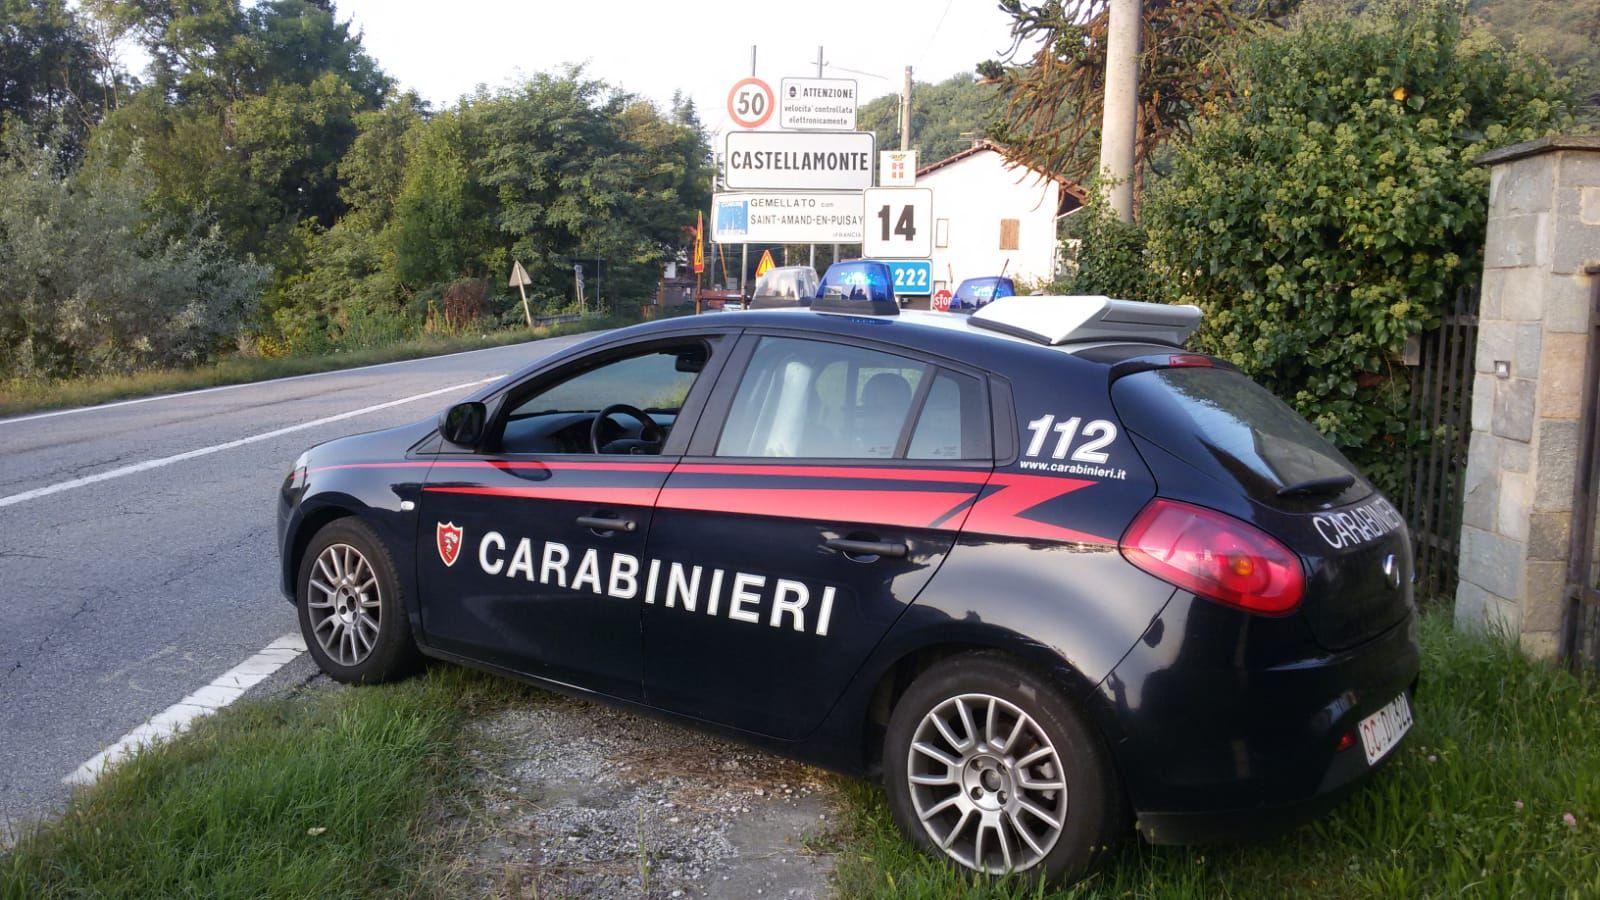 CASTELLAMONTE - Guida senza patente, con la revisione scaduta e senza assicurazione: 27 mila euro di multa